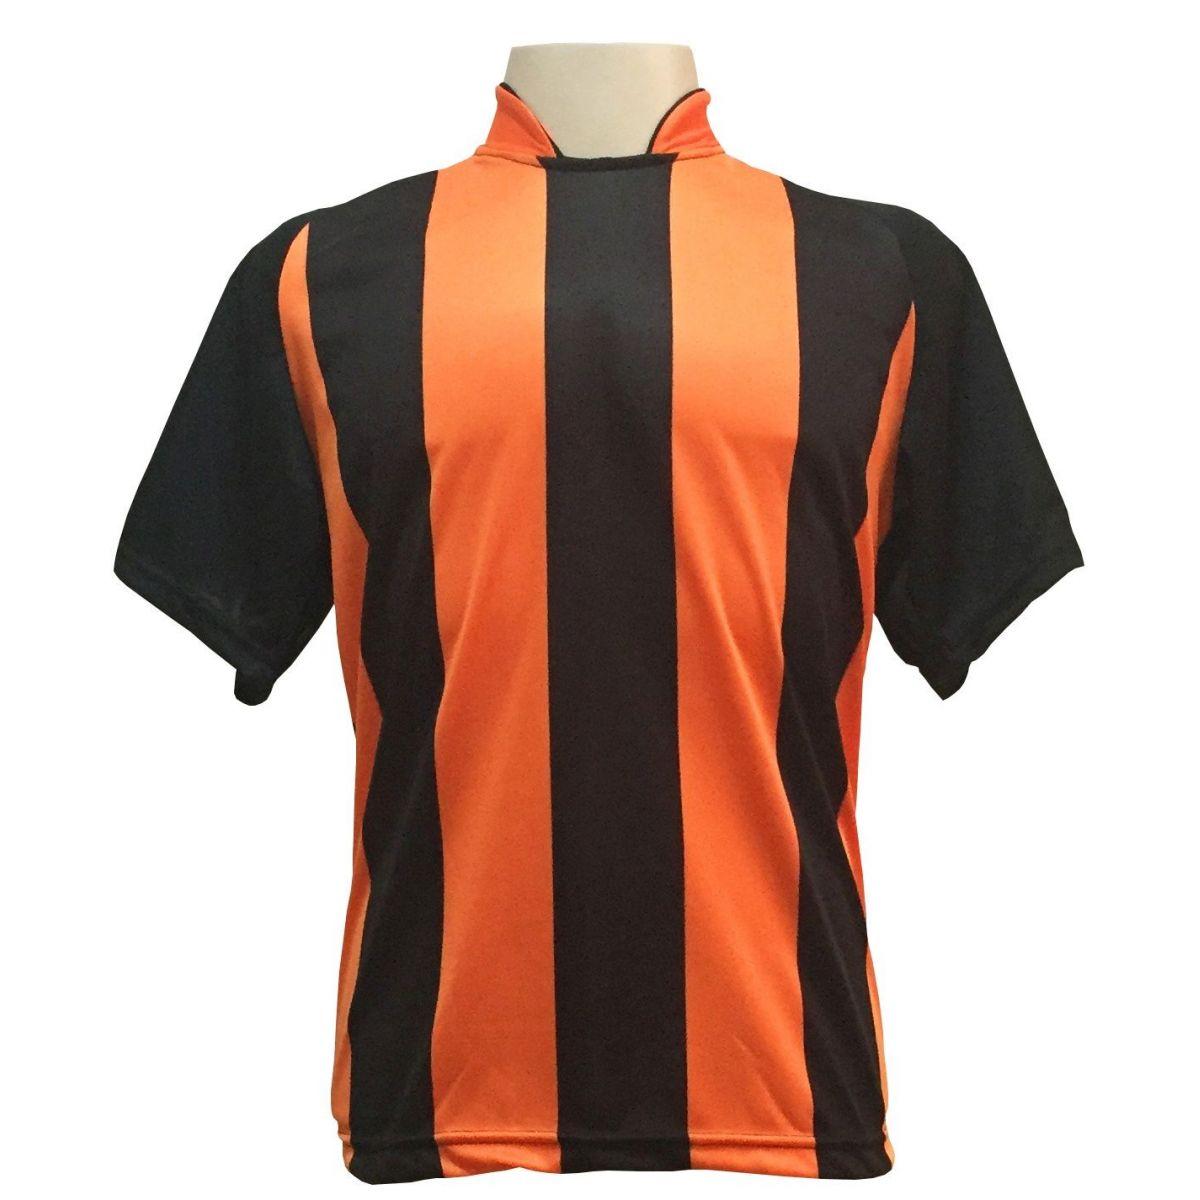 Uniforme Esportivo com 20 Camisas modelo Milan Preto/Laranja + 20 Calções modelo Madrid Preto